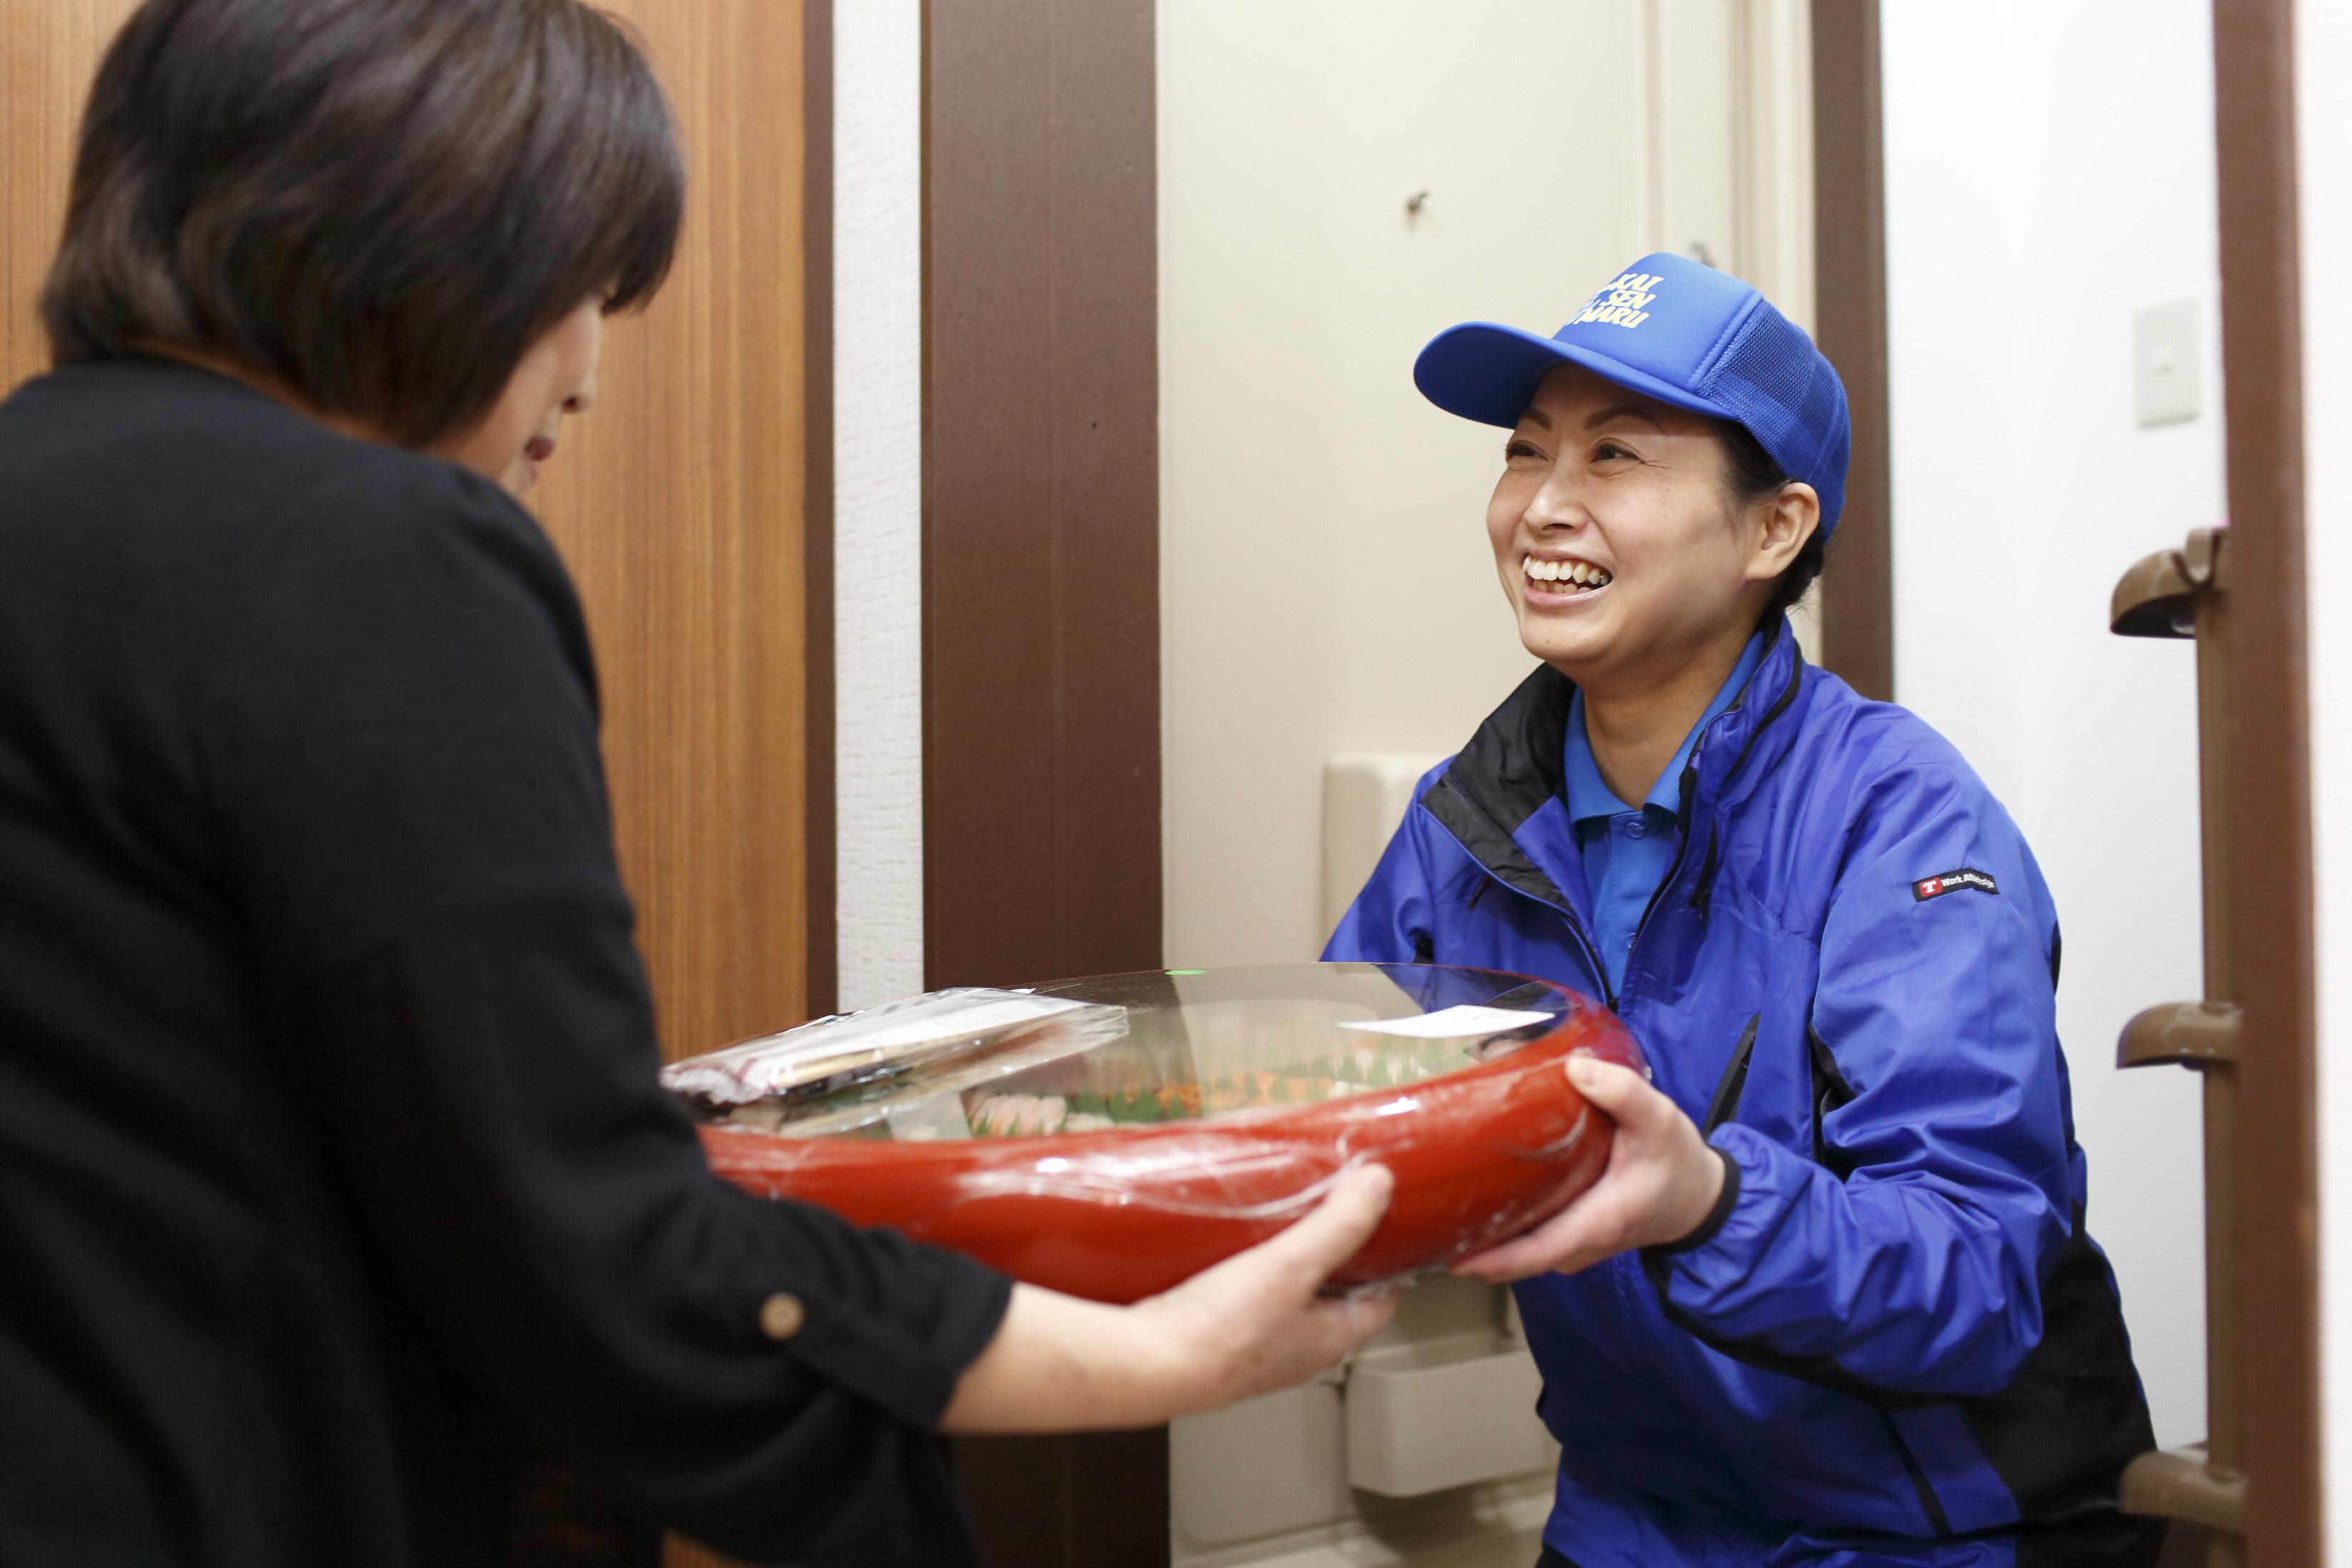 札幌海鮮丸 北見大通店 デリバリー(配達)スタッフのアルバイト情報